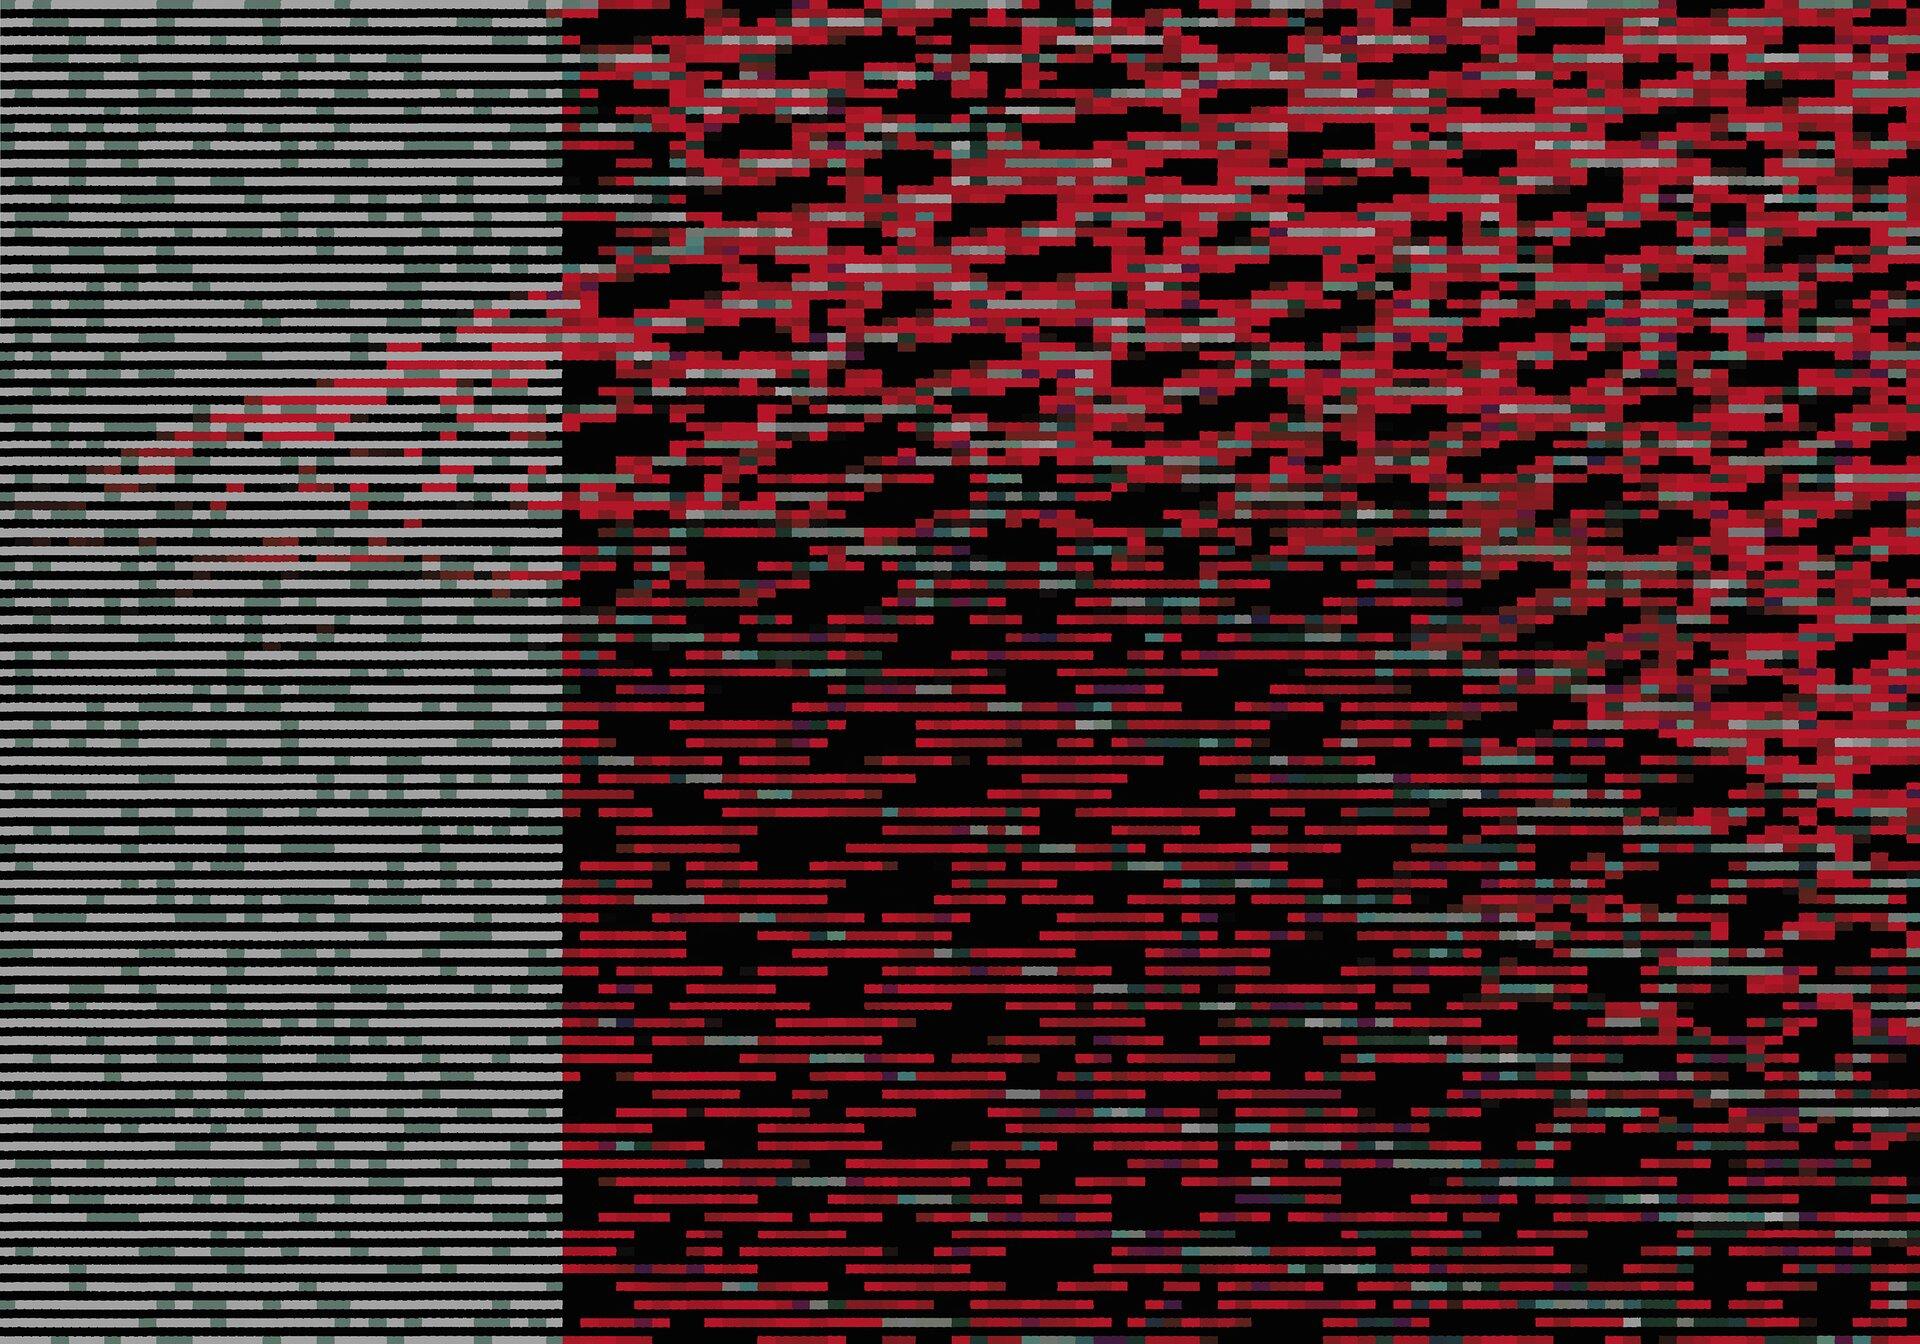 """Ilustracja przedstawia obraz """"ERROR[1841]"""" autorstwa Izabeli Retkowskiej. Abstrakcyjna kompozycja składa się zprzerywanych, poziomych linii na czarnym tle. Praca podzielona jest na dwie części. Większa, kwadratowa przestrzeń po prawej stronie zapełniona jest kreskami wkolorach chłodnej czerwieni, spomiędzy których wyłaniają się czarne plamki tła. Na tak stworzony deseń zostały nałożone drobne, pojedyncze, zielone linie, które tworzą skośne smugi przebiegające przez całą przestrzeń prawej strony obrazu. Lewy, wąski pas kompozycji, równomiernie zapełniają zielono-szare linie, tworząc płaską, jasną płaszczyznę. Górną część obrazu wypełniają dodatkowe czerwone kreski, które łukiem wdzierają się wjednolitą przestrzeń lewej strony. Wykonany przy pomocy techniki druku cyfrowego obraz, utrzymany jest wciemnej, chłodnej tonacji zdominantą czerwieni."""